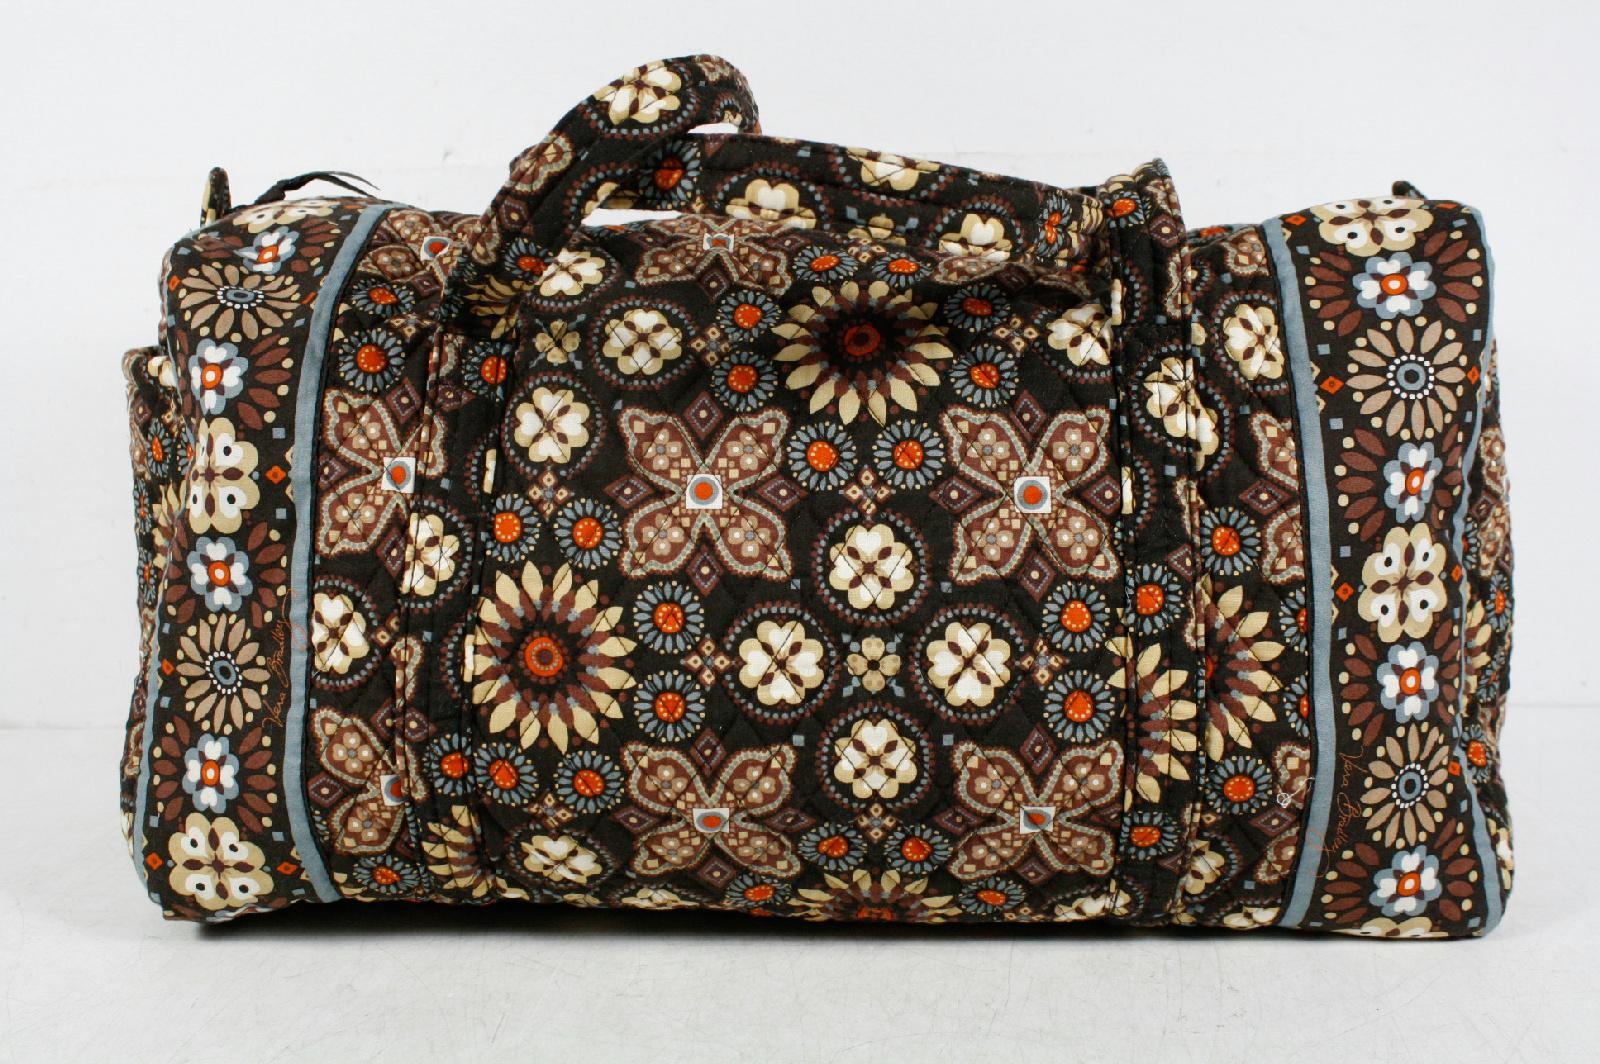 Vera Bradley Multicolor Cotton Floral Plaid Large Duffle Bag   EBay